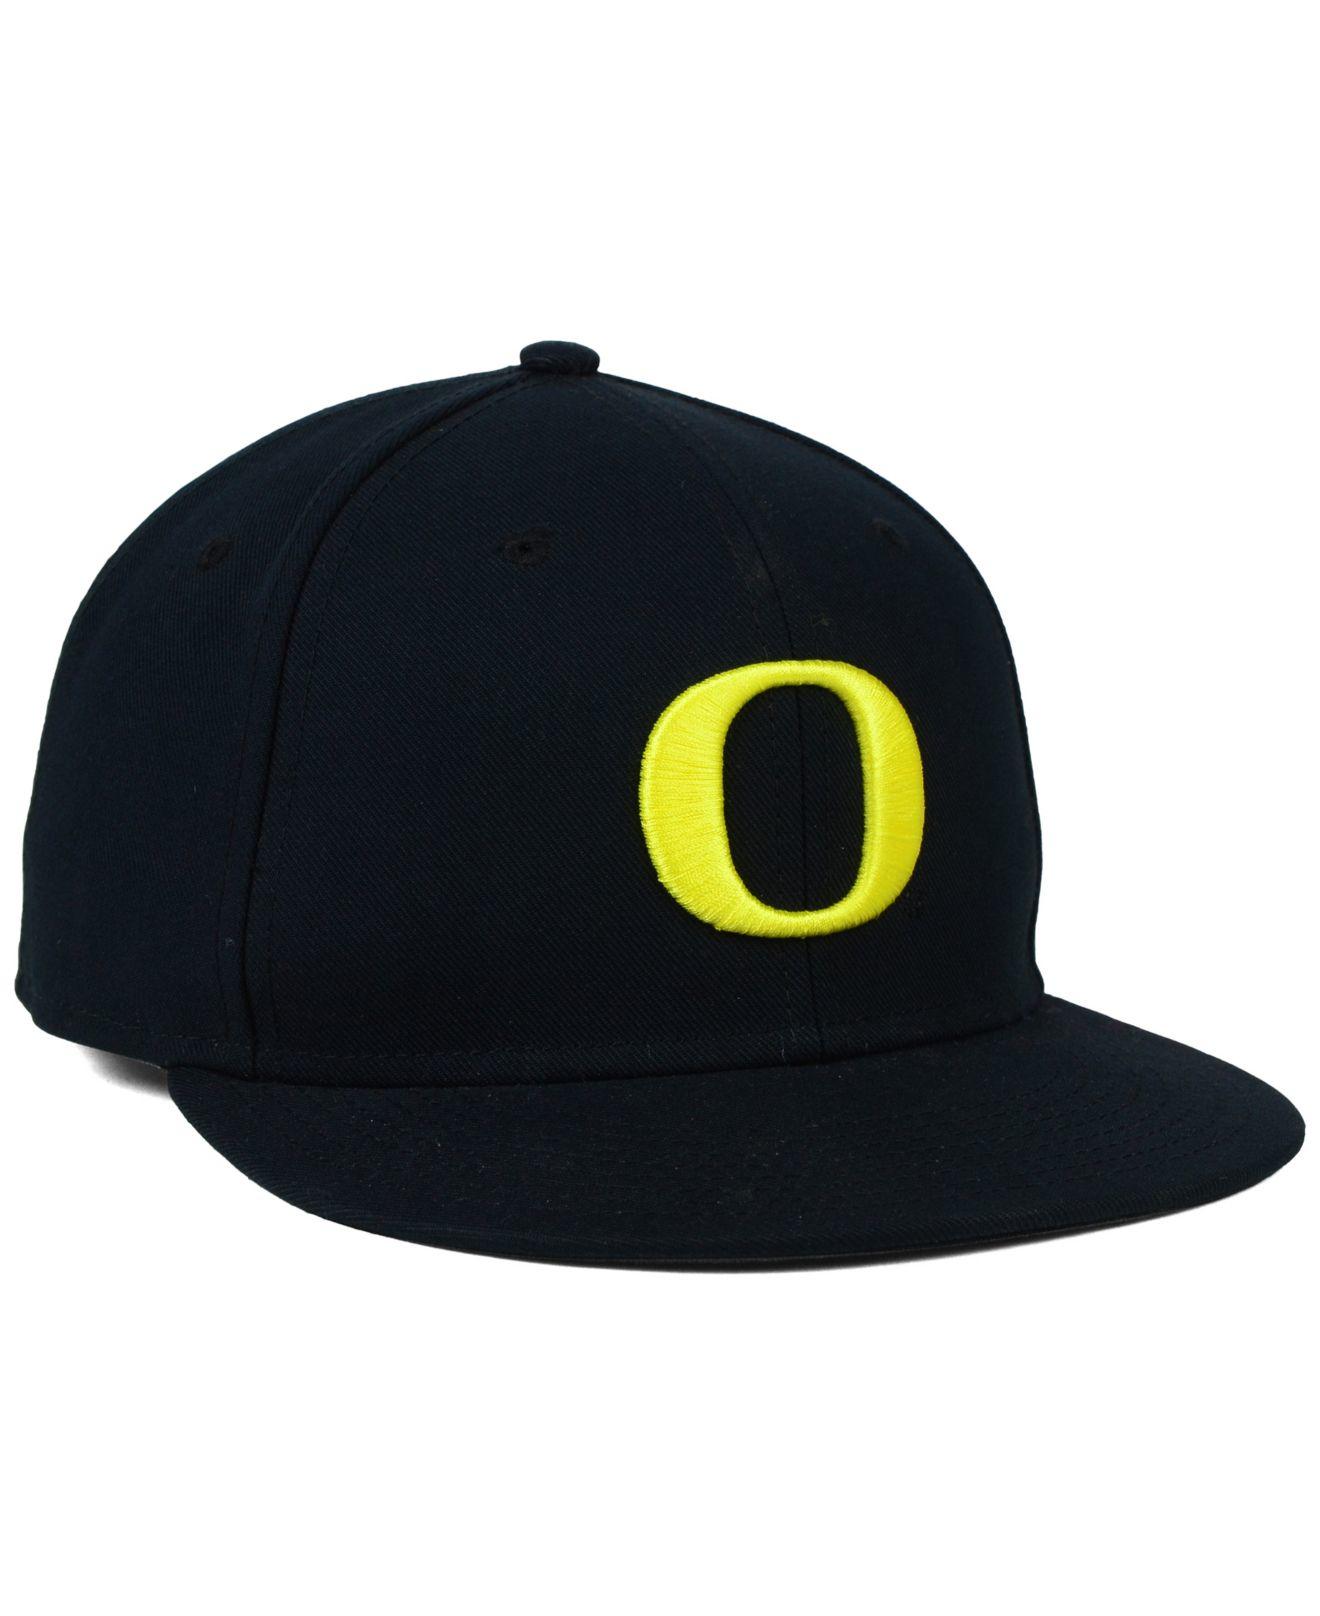 63d53f3d5c9 ... best lyst nike oregon ducks true college fitted cap in black for men  a5cb4 7675a